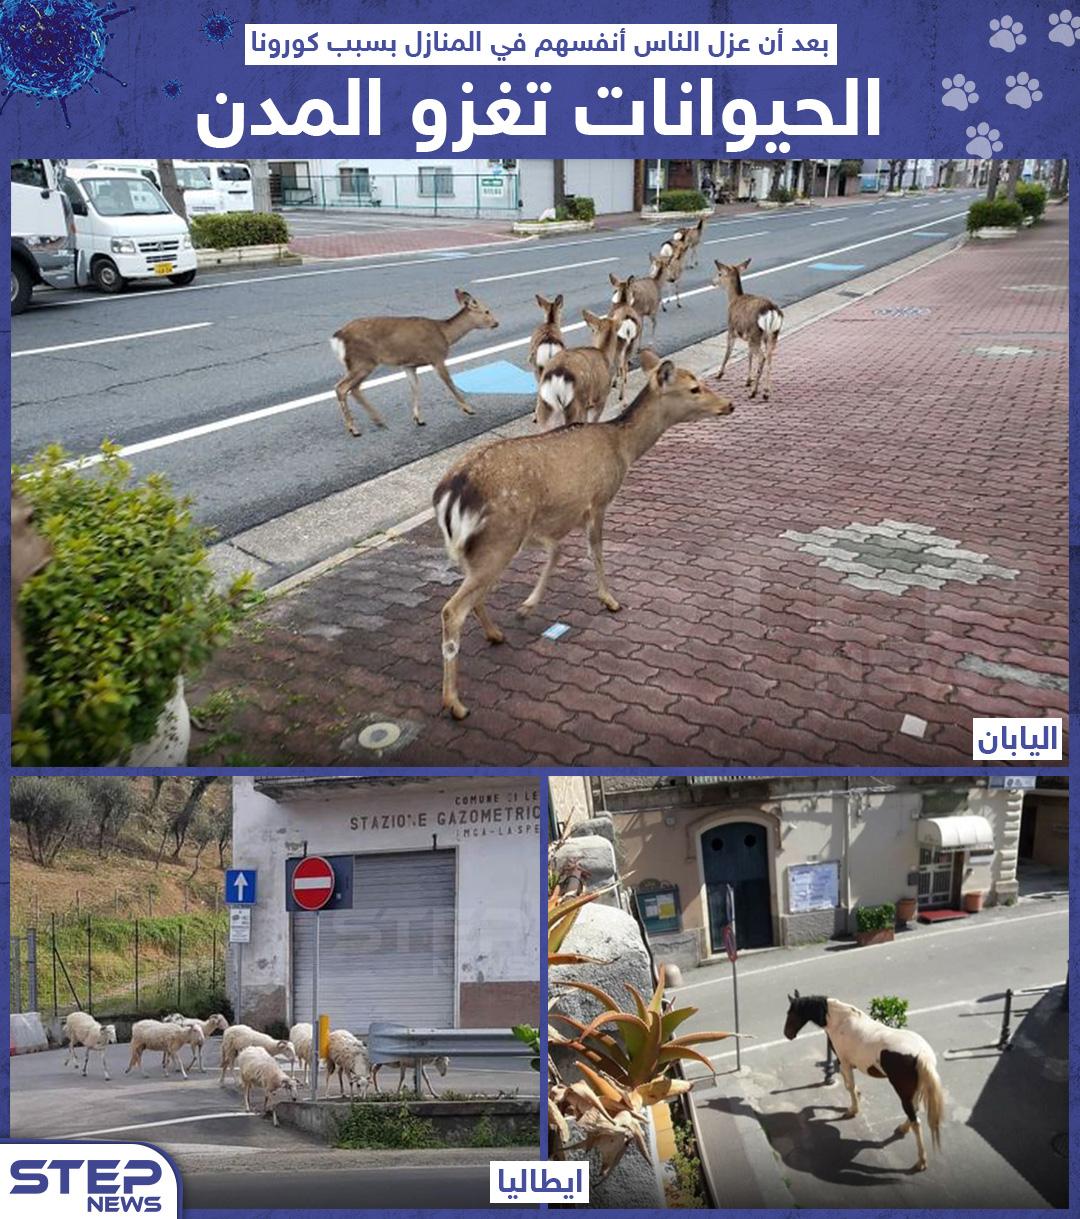 الحيوانات تغزو المدن بعد عزل الناس أنفسهم بالمنازل إثر جائحة كورونا